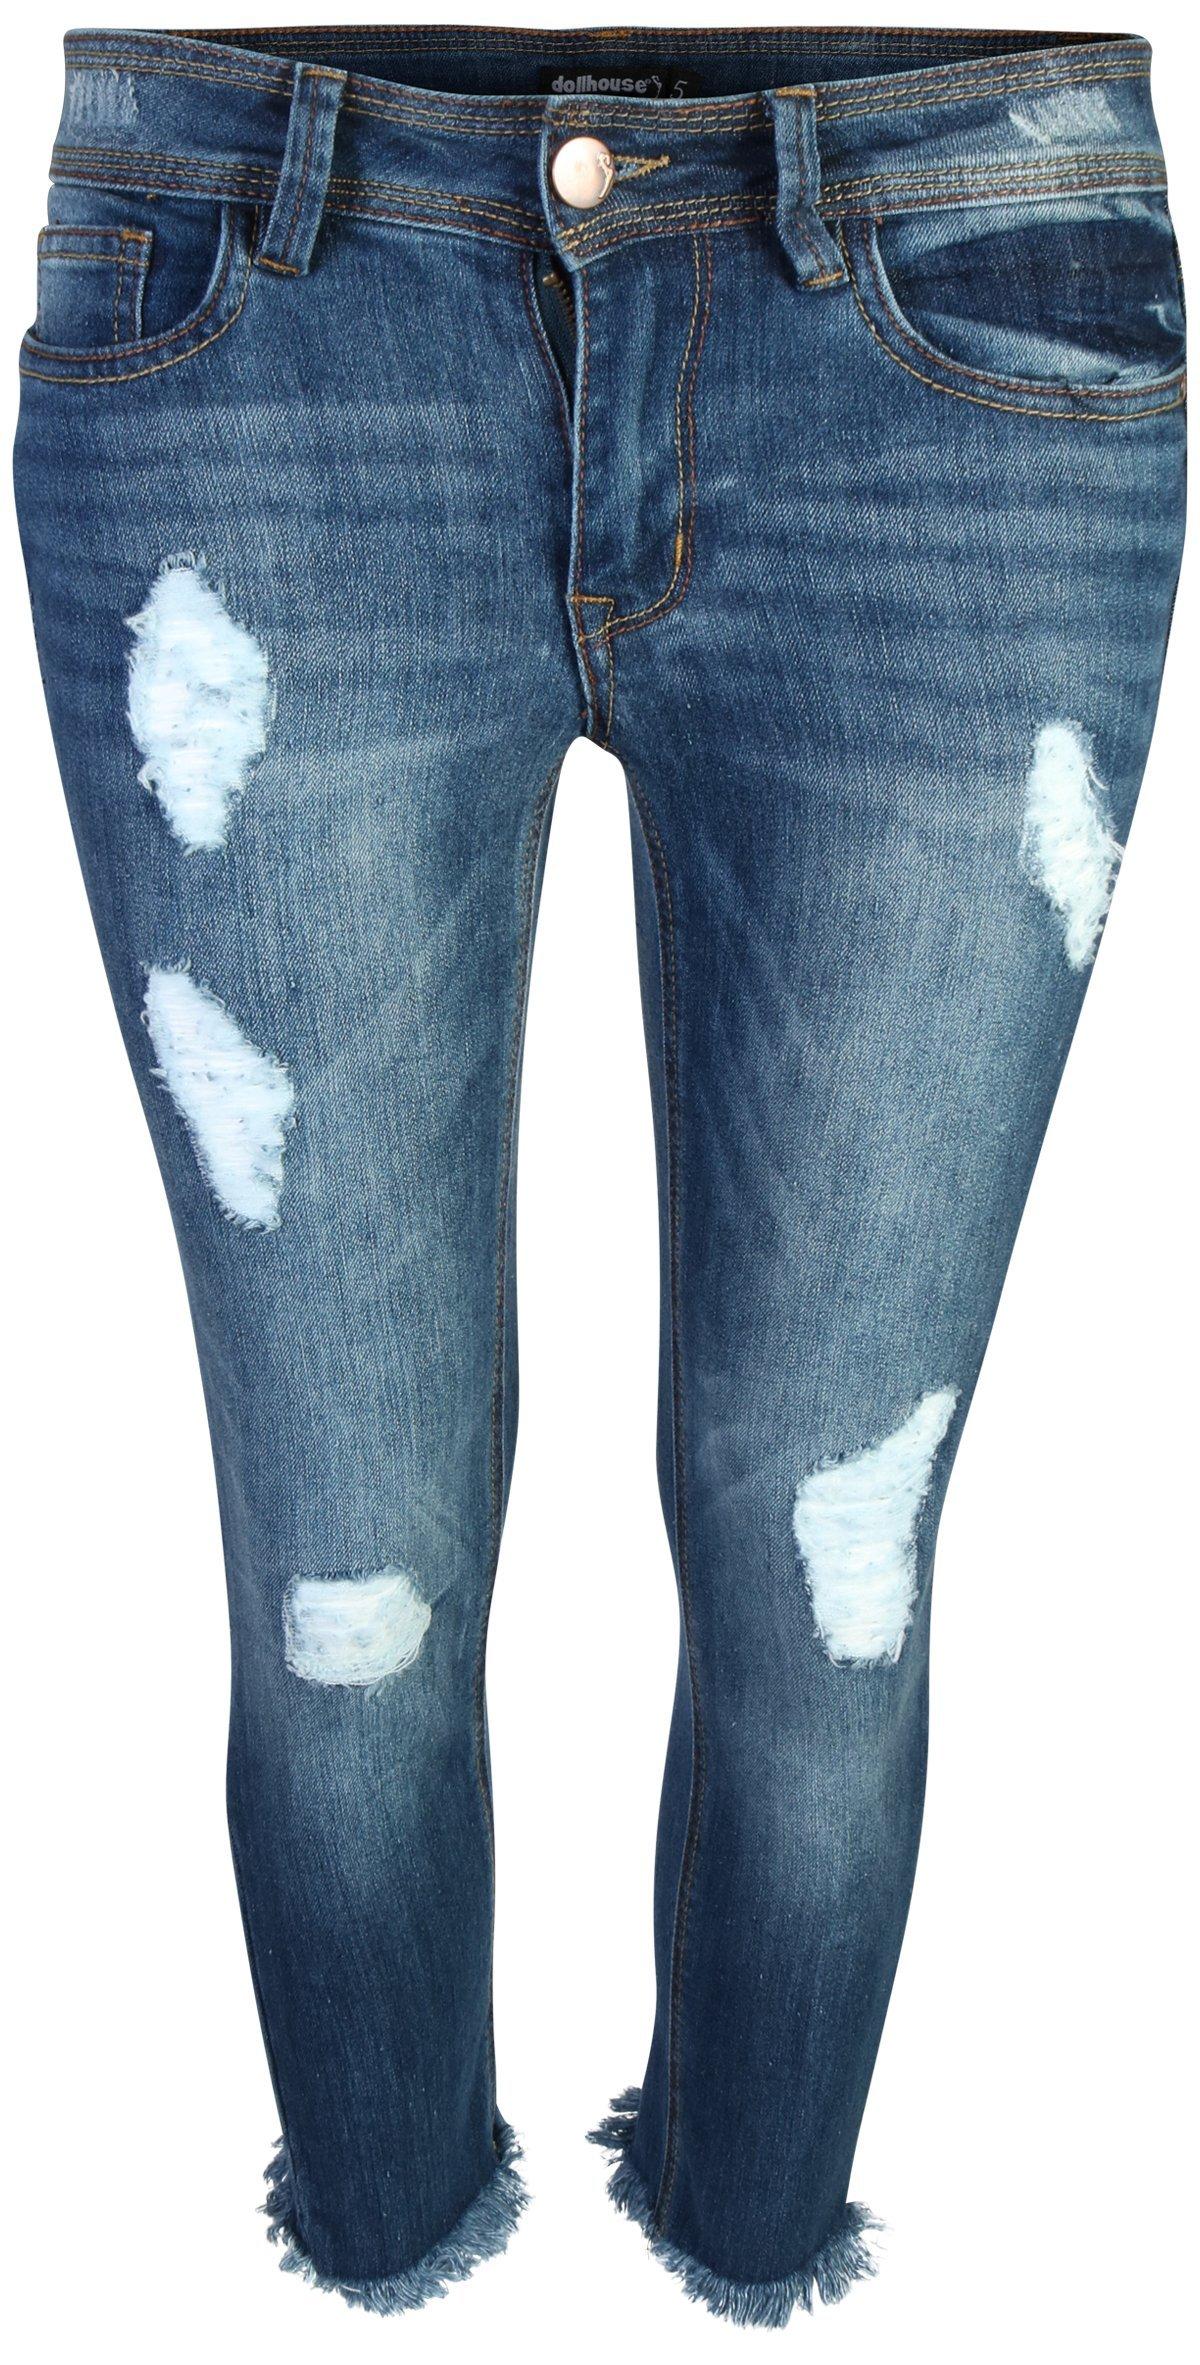 dollhouse Women's Distressed Stretch Frayed Hem Skinny Capri Jeans, Dark, Size 14' by dollhouse (Image #1)